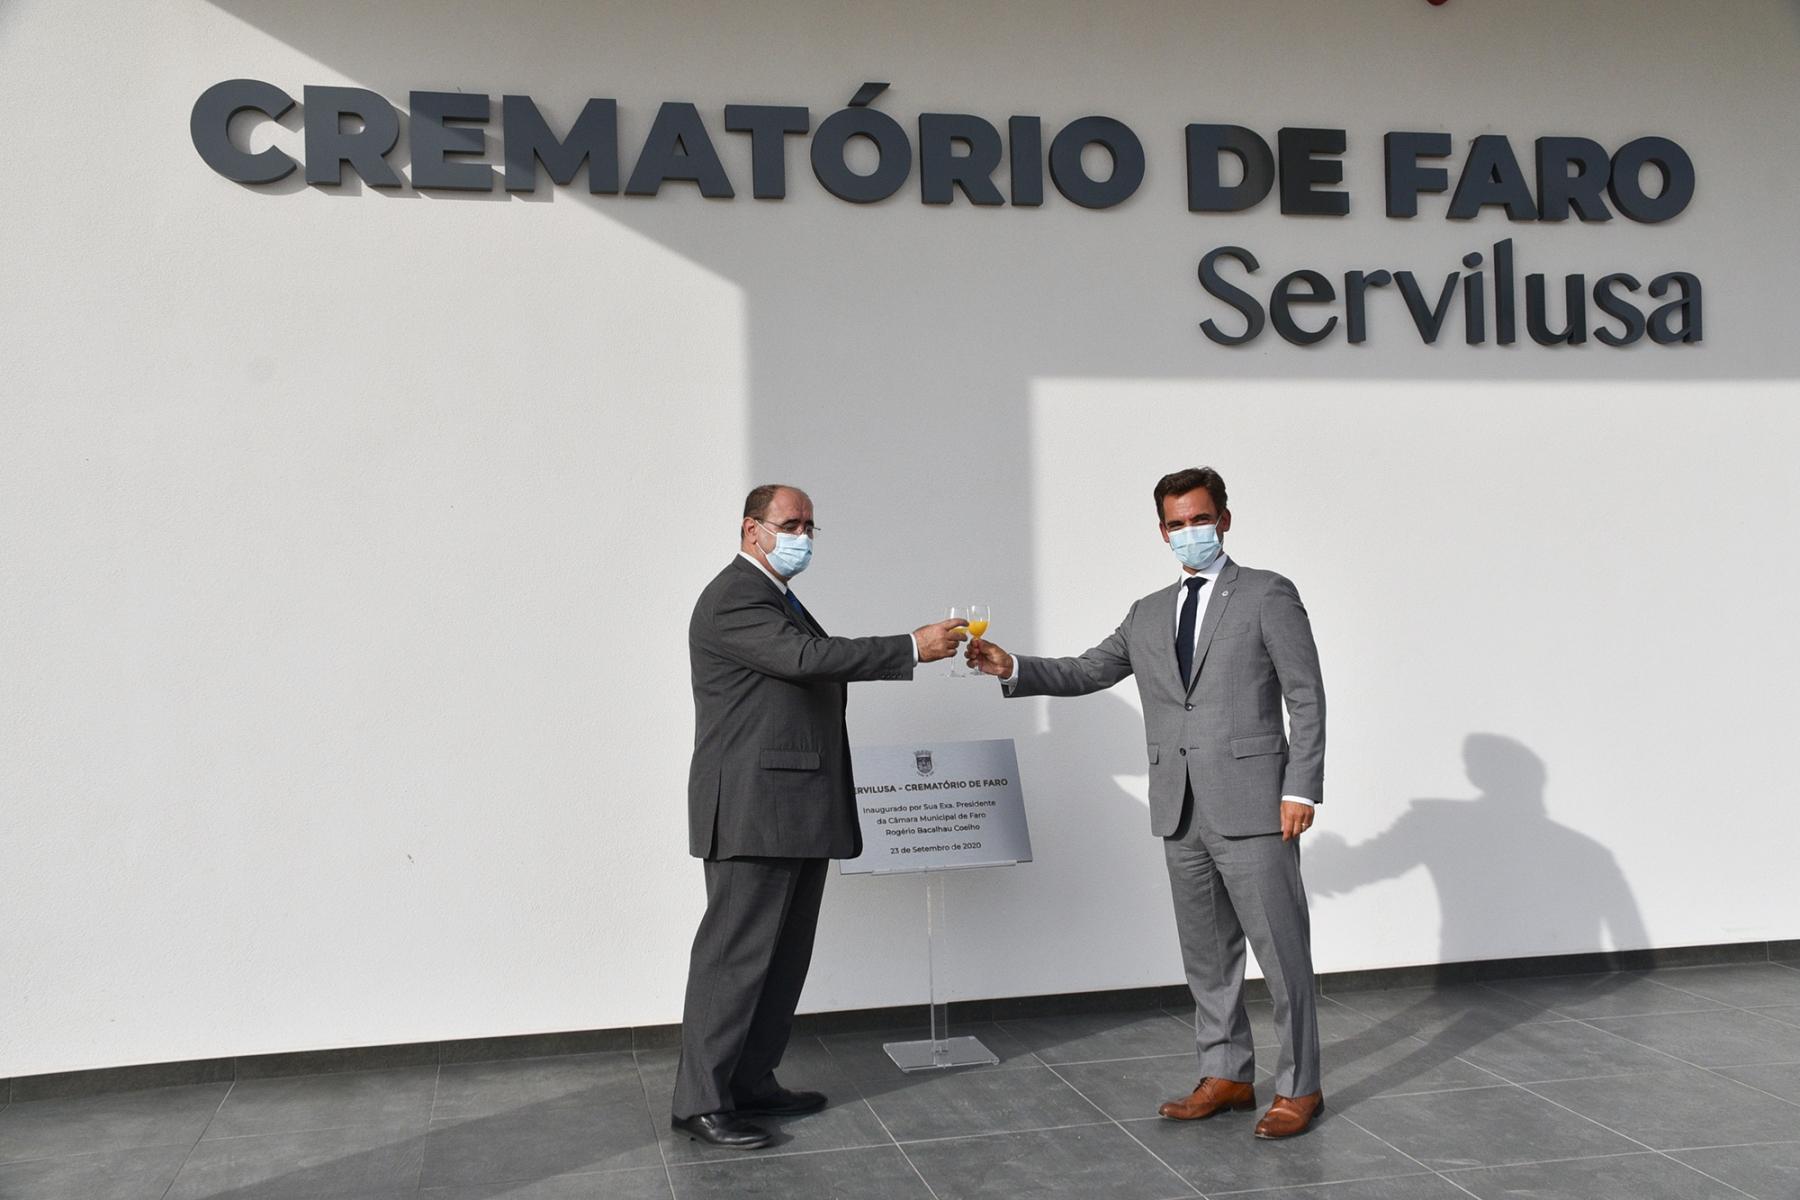 Inauguracao_crematorio_faro-22